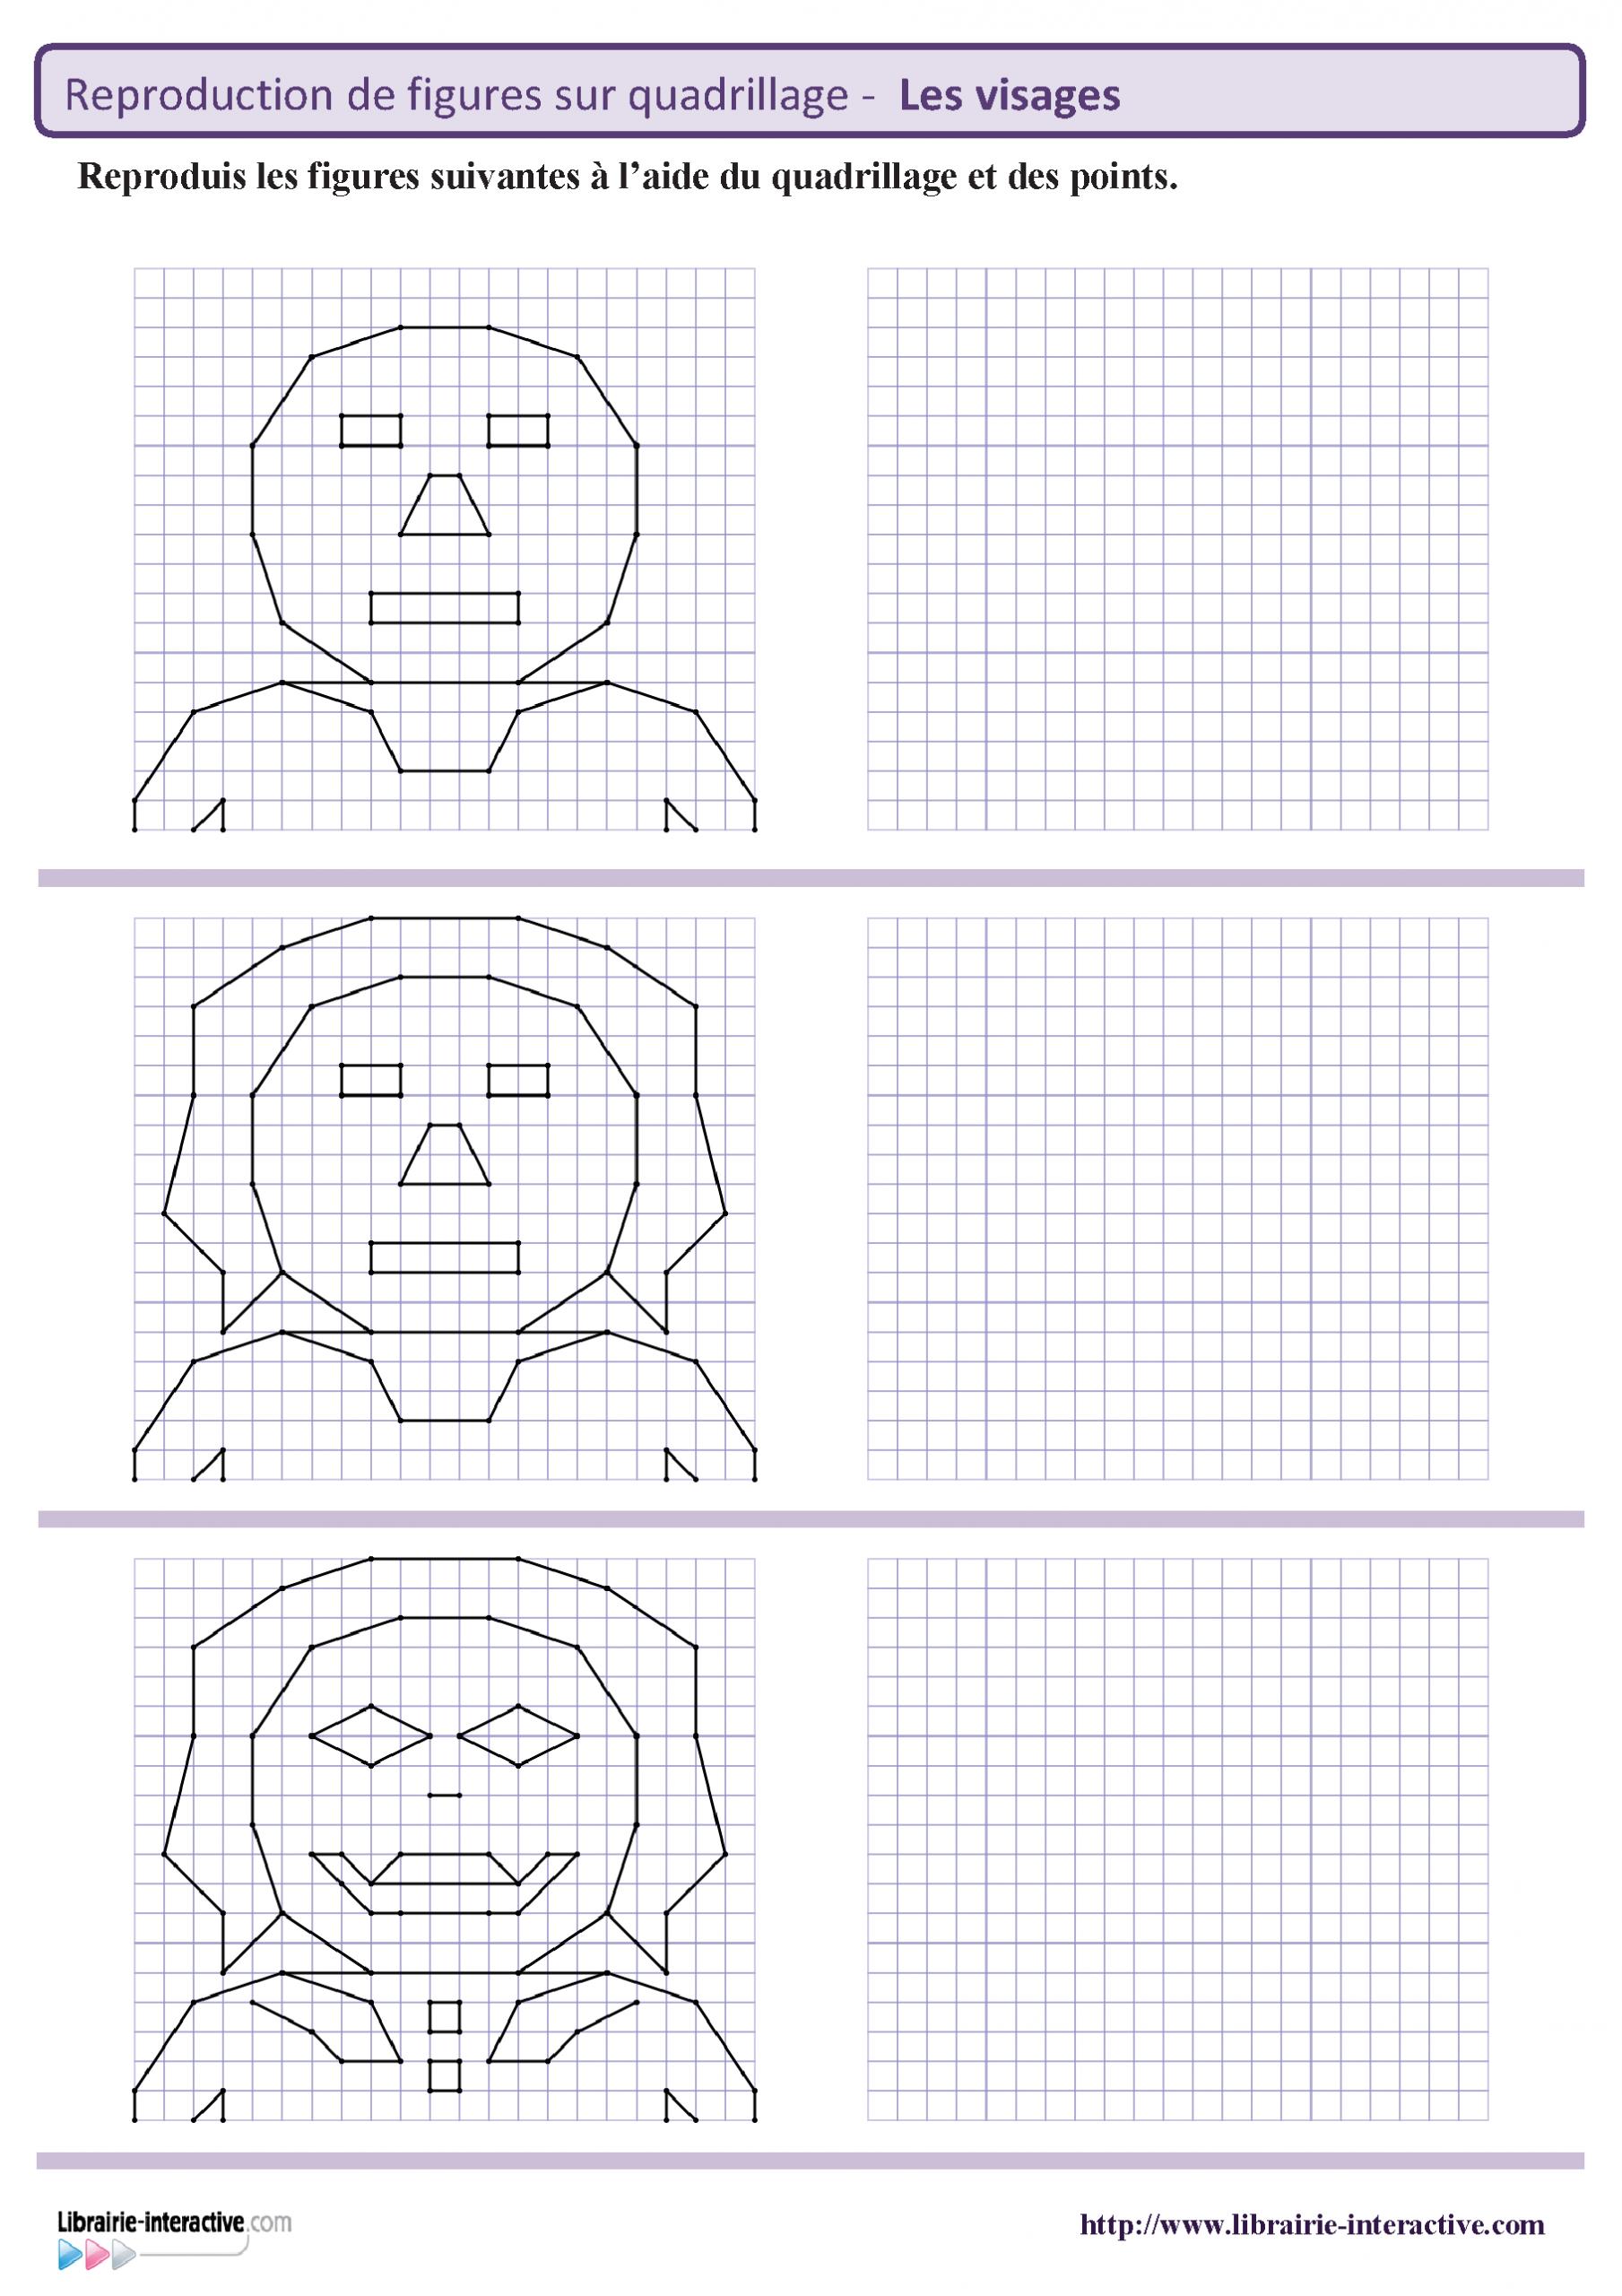 8 Fiches Avec Chacune 3 Visages À Reproduire Sur Quadrillage destiné Reproduction De Figures Ce2 Quadrillage